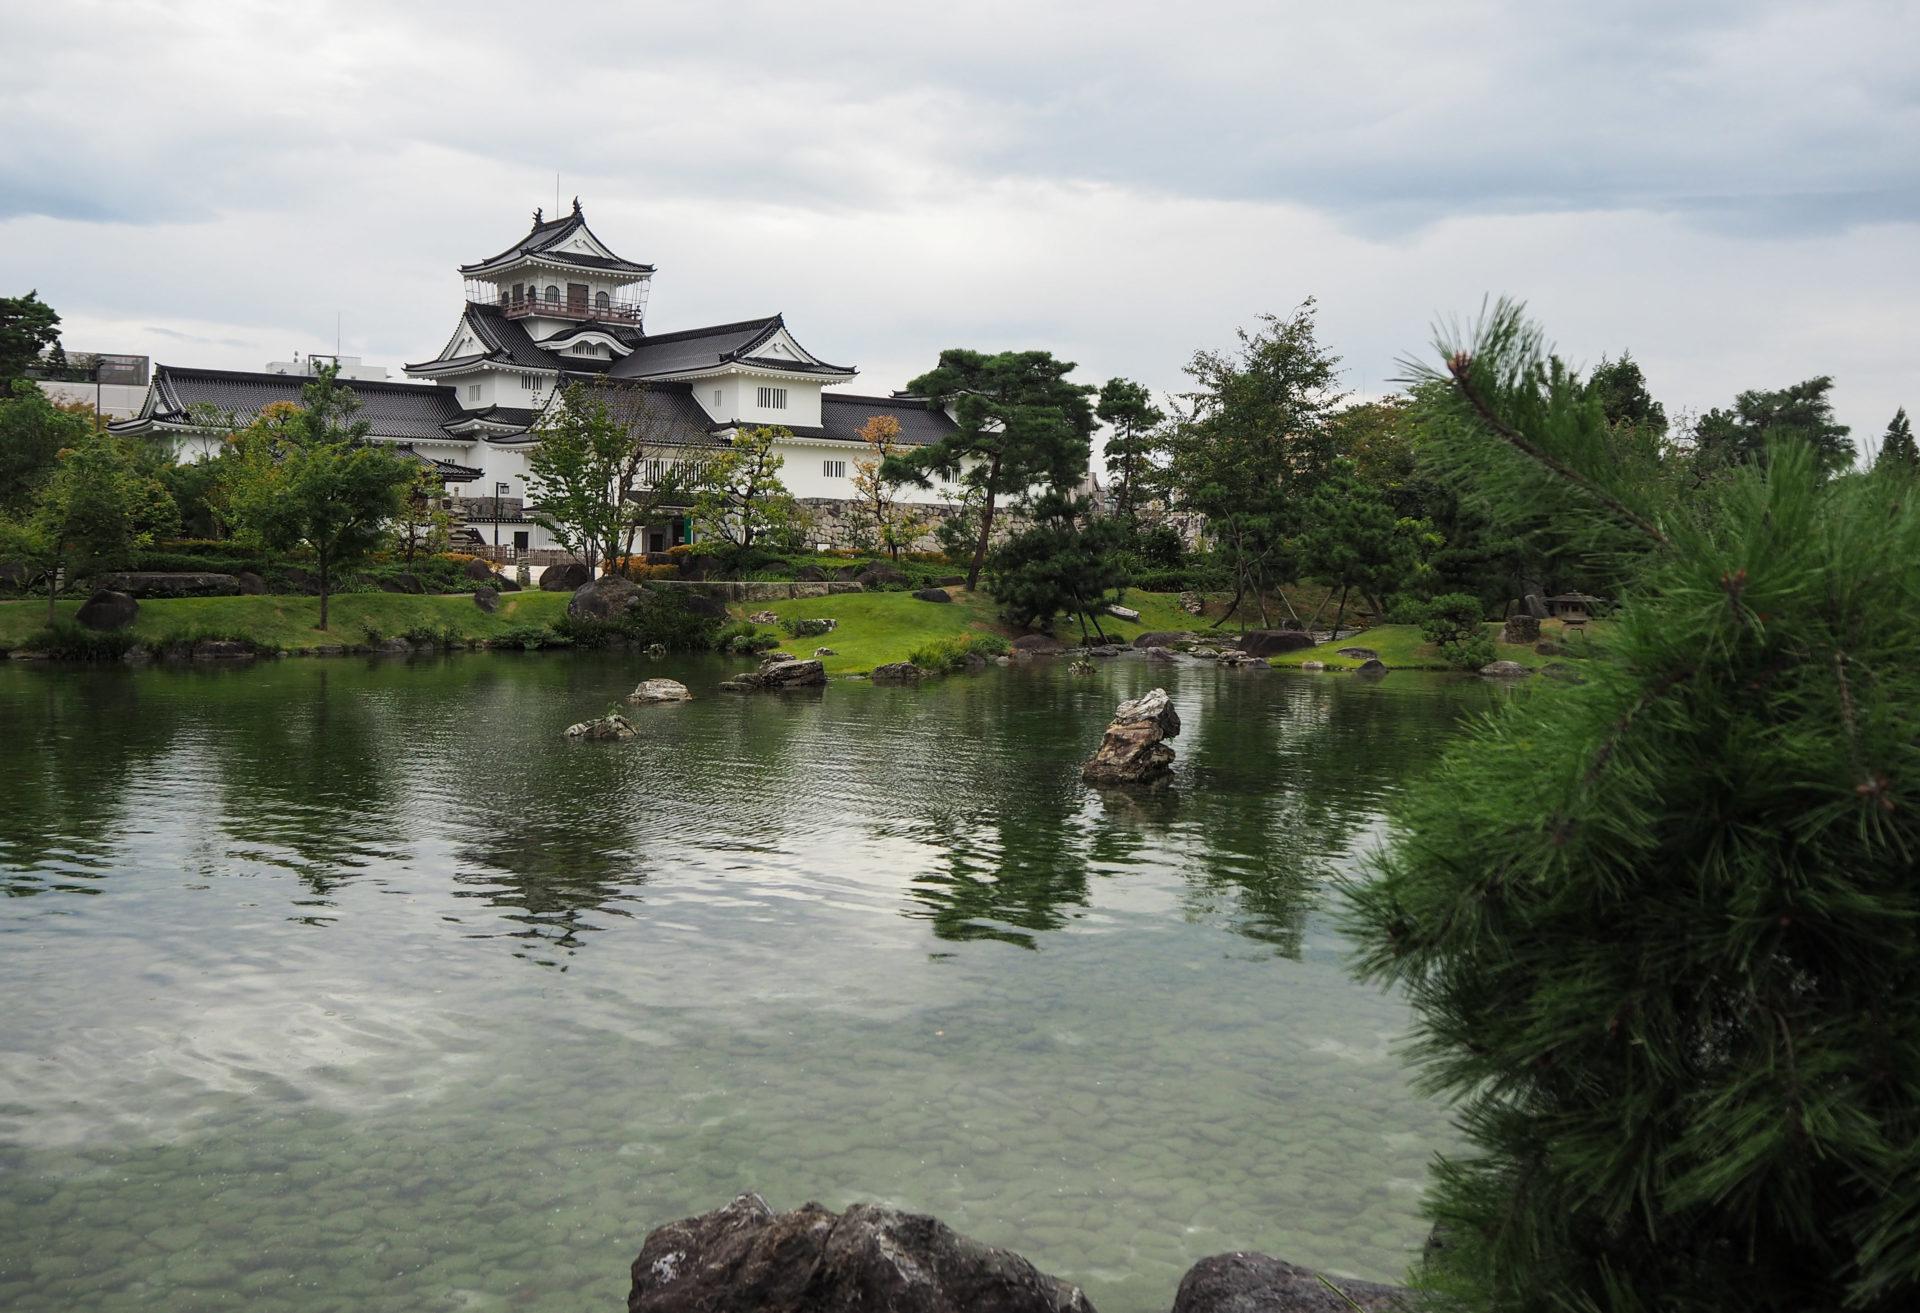 Le château de Toyama - Préfecture de Toyama, porte d'entrée vers les Alpes Japonaises - Voyager au Japon hors des sentiers battus